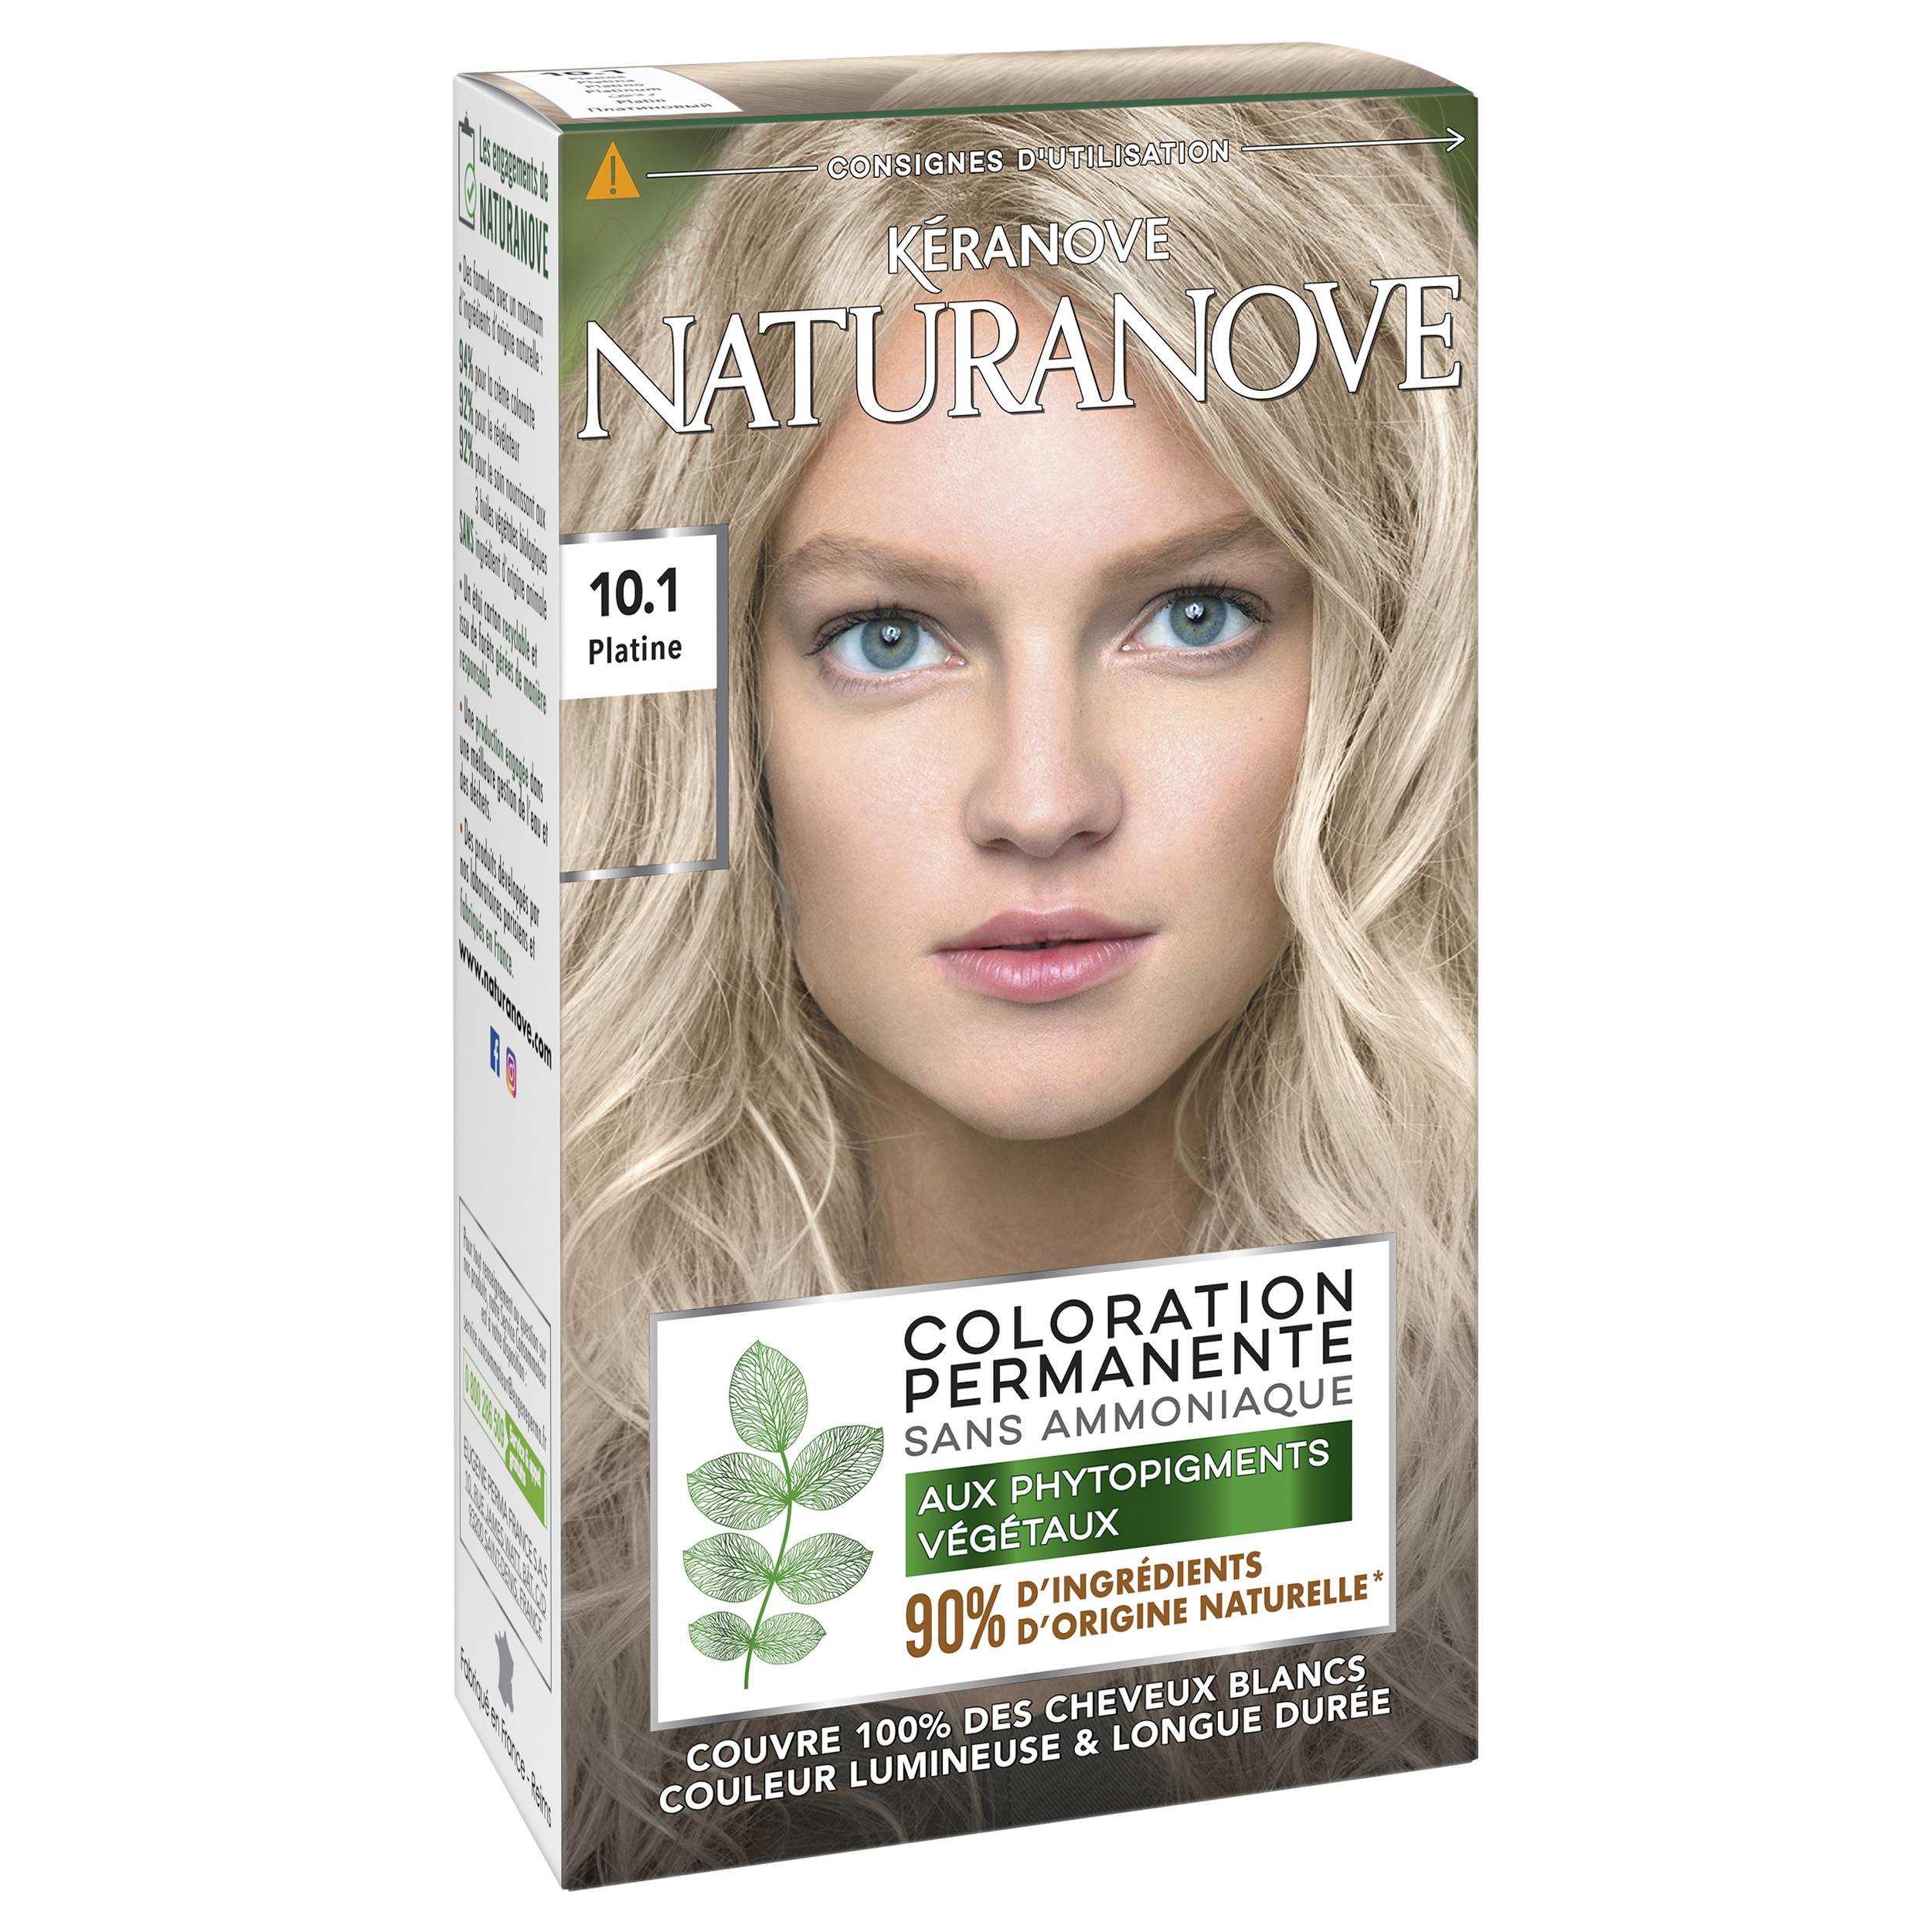 Coloration cheveux l'oreal reutilisable